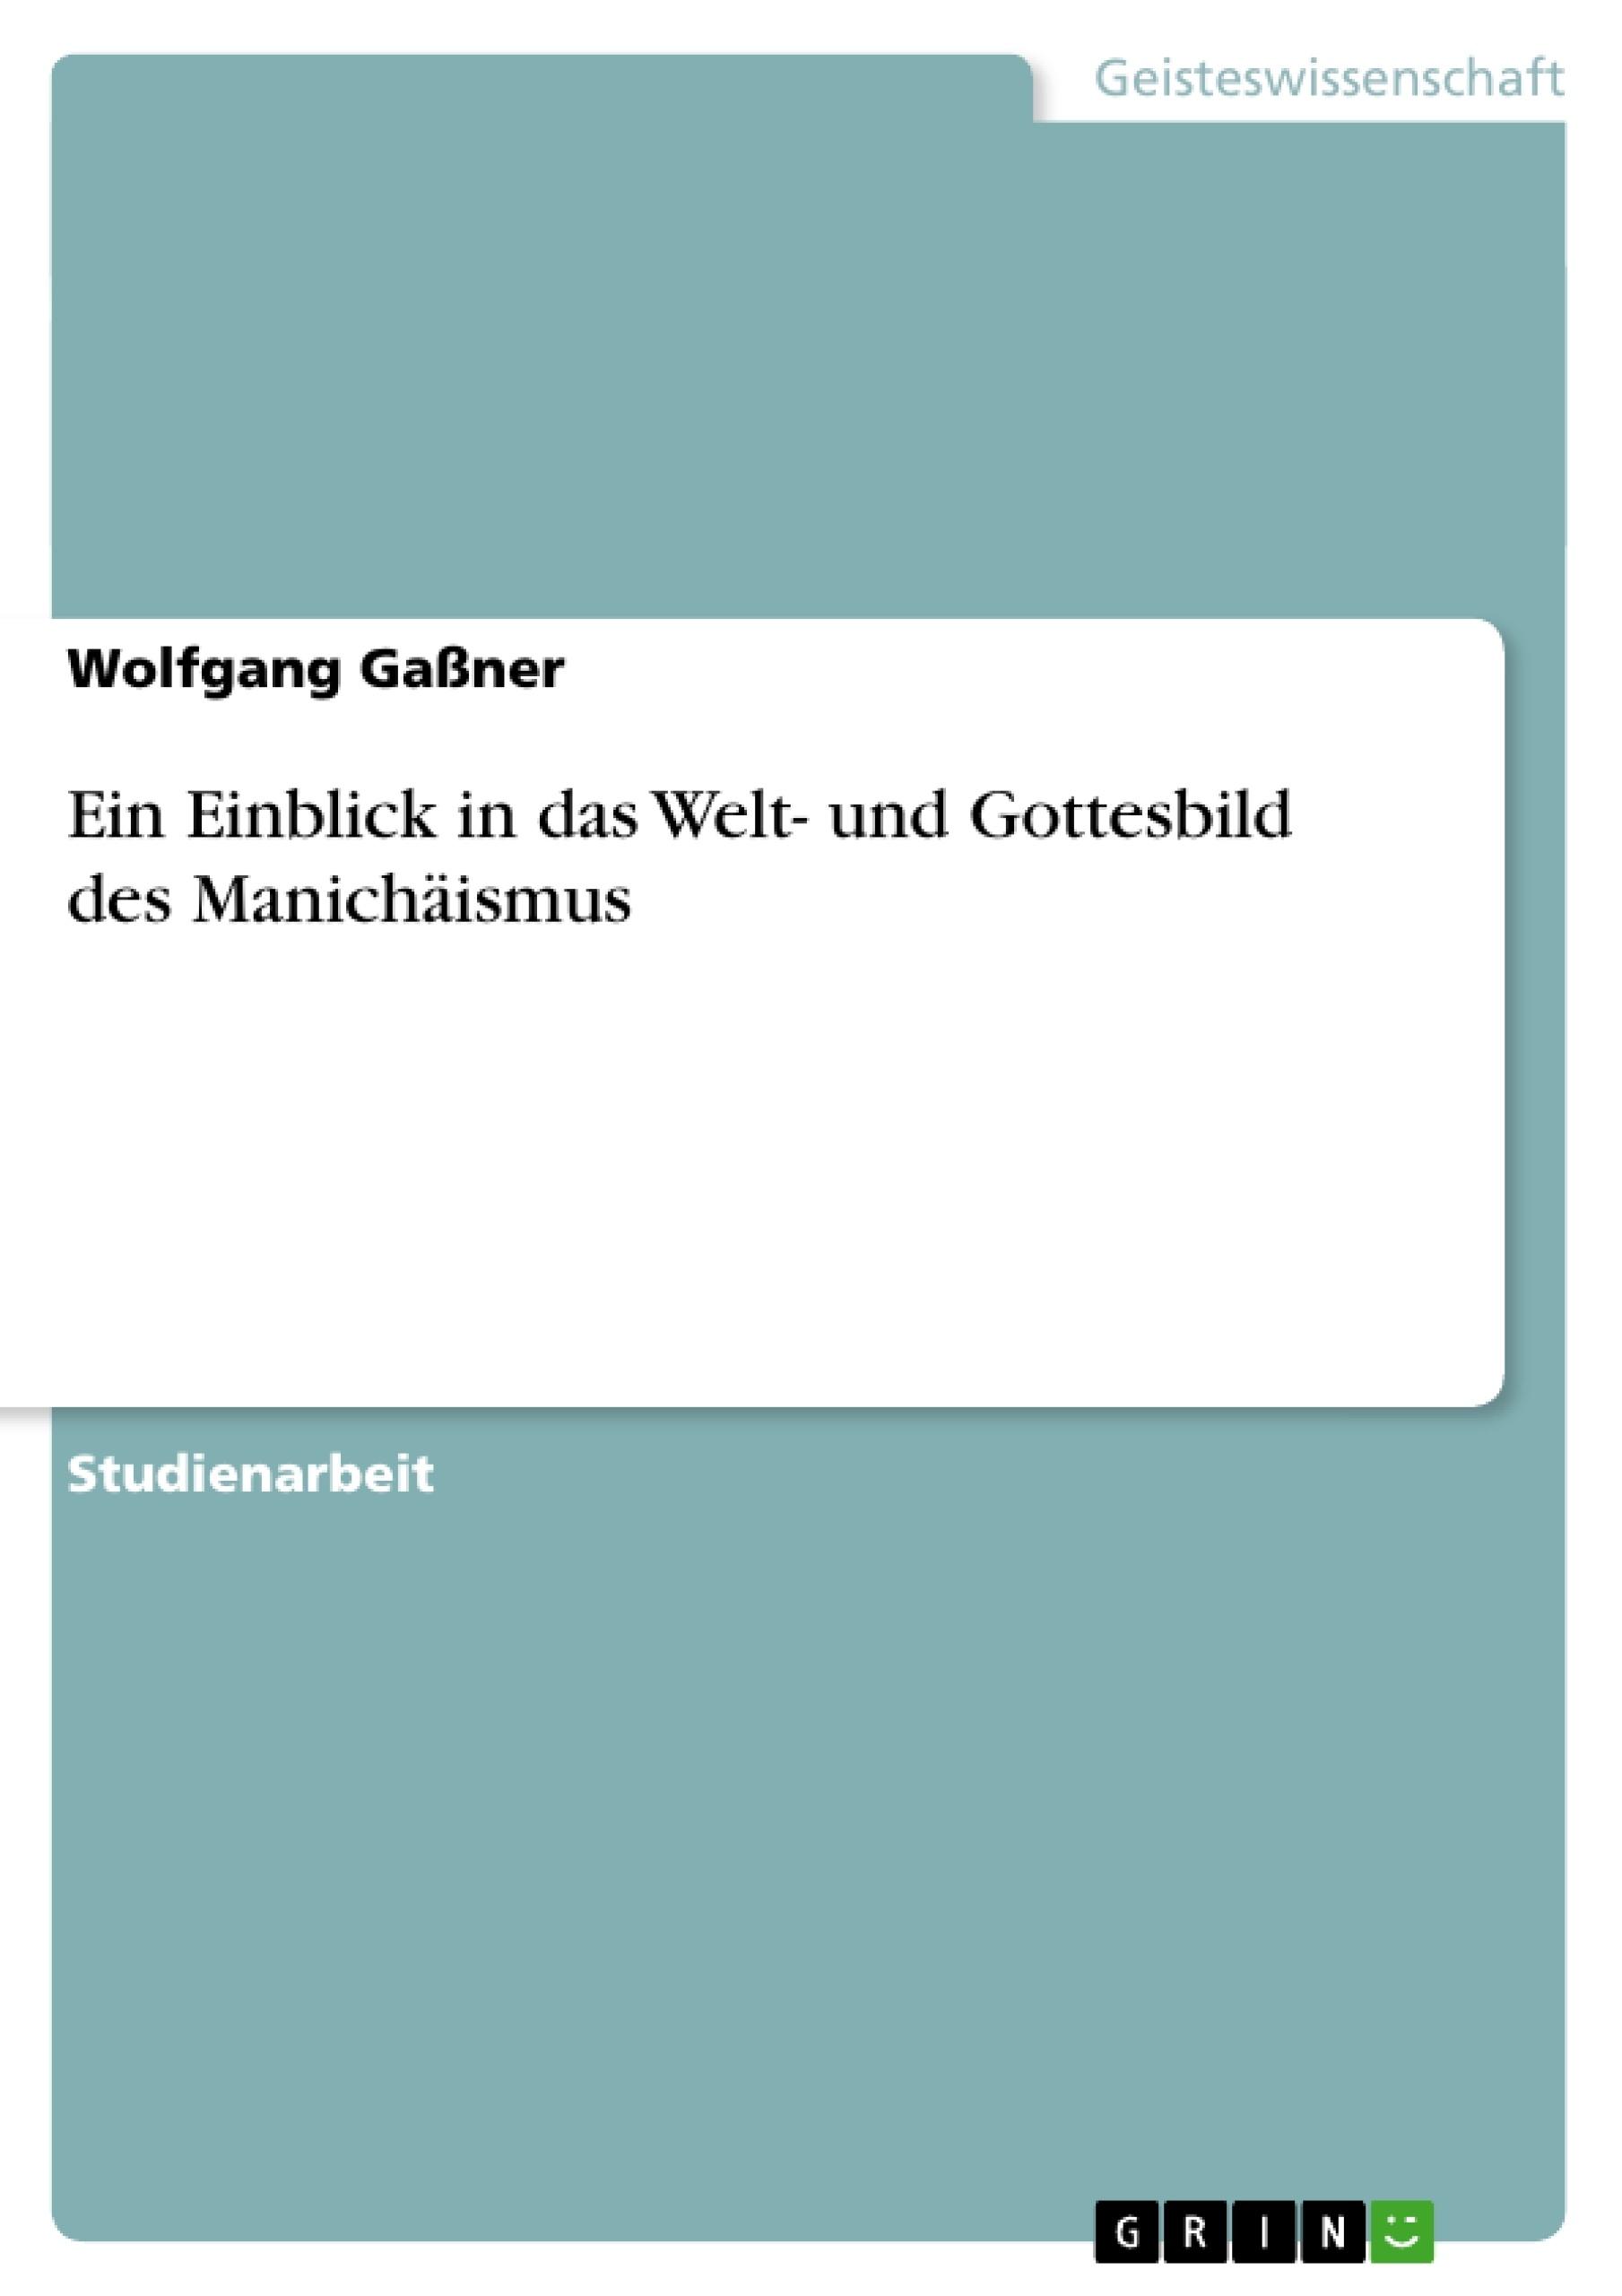 Titel: Ein Einblick in das Welt- und Gottesbild des Manichäismus